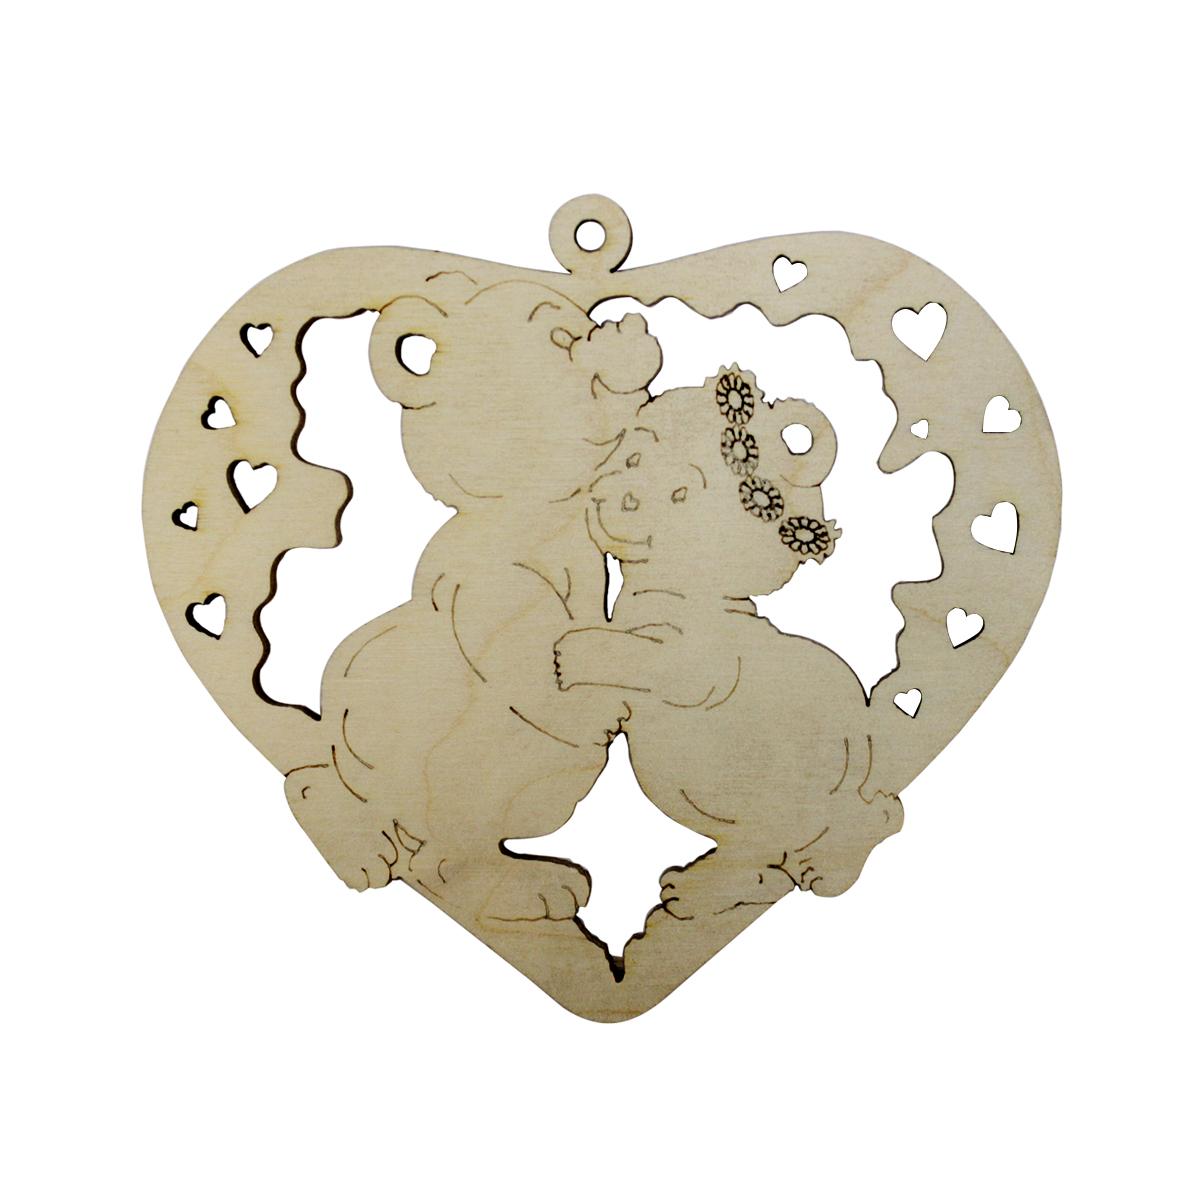 Деревянная заготовка Астра Сердце с мишками, 11 x 10 см484596Заготовка Астра Сердце с мишками, изготовленная из дерева, станет хорошей основой для вашего творчества. Заготовку можно украсить бисером, блестками, тесьмой, кружевом - возможности не ограничены. Творческий процесс развивает воображение, учит видеть сказку в обыденных вещах, ведь для нее всегда есть место в нашей жизни! Заготовка Астра Сердце с мишками станет идеальным украшением интерьера вашего дома и отличным подарком для вас и ваших близких.